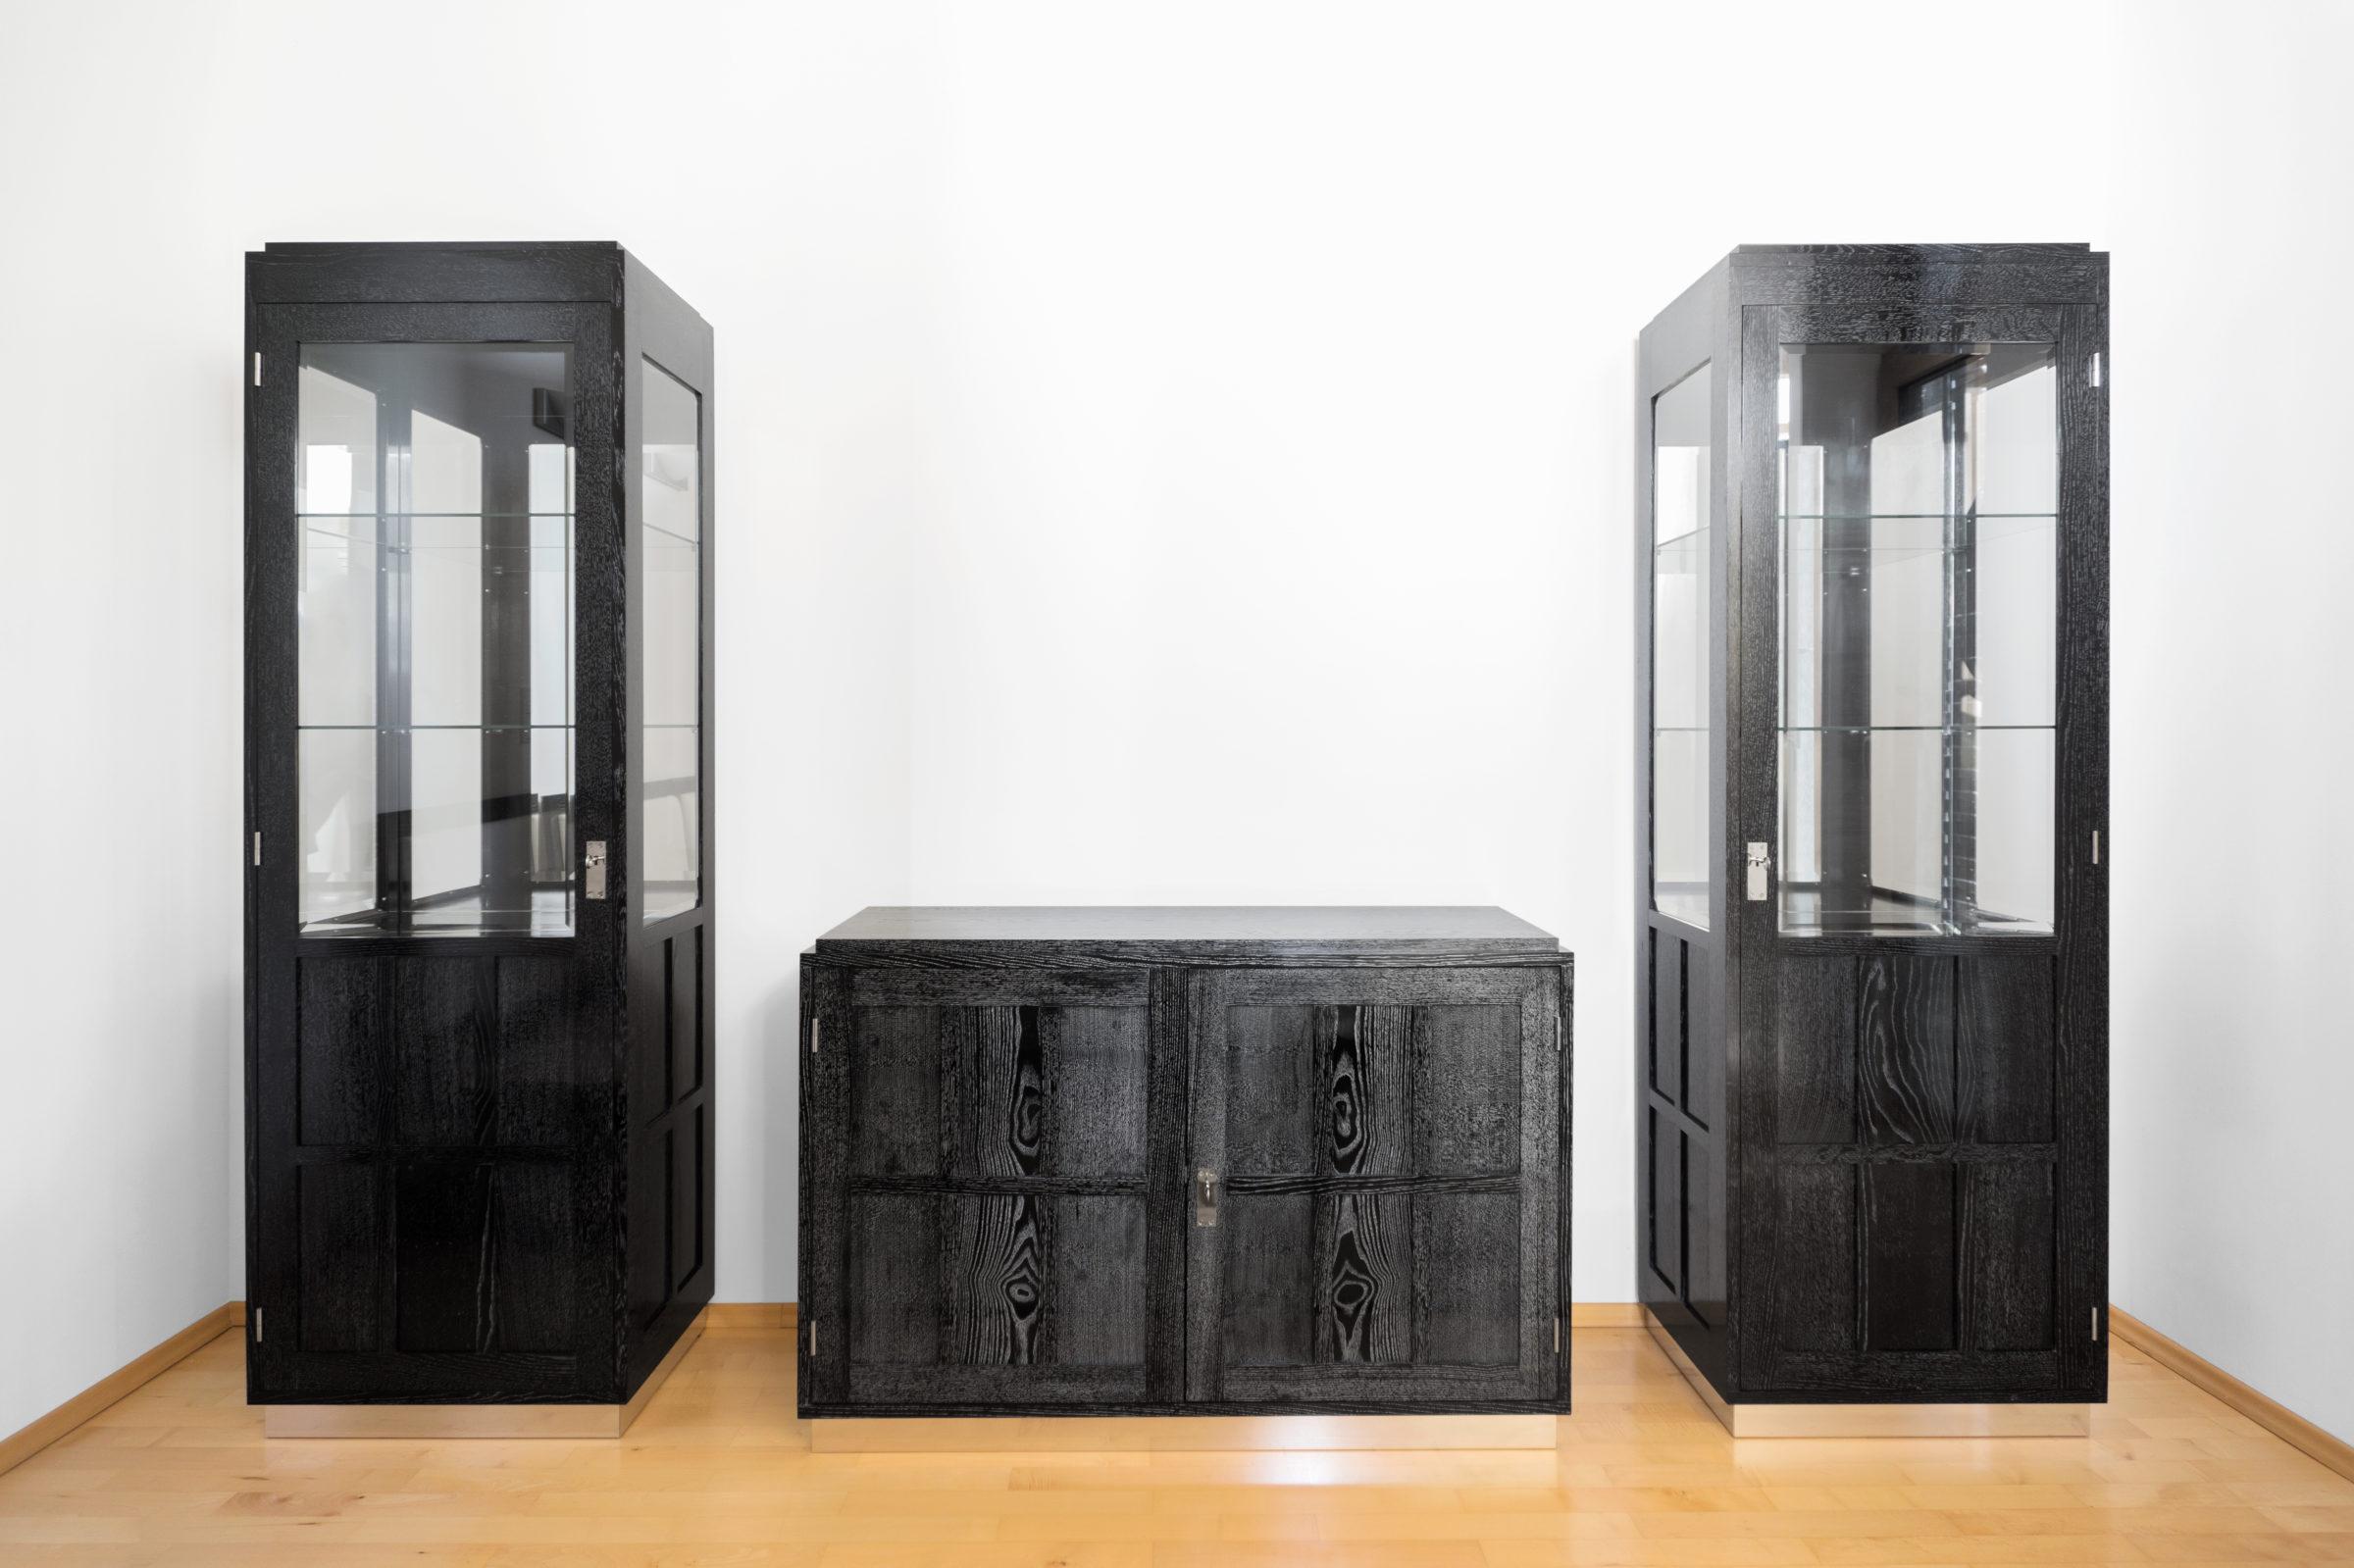 Pfeilerkästen mit Kommode, Massivholzmöbel handgemacht, Hochwertige Möbel aus Massivholz, Holzoberflächen handgehobelt, Einzelmöbelstücke, The Trees of Life